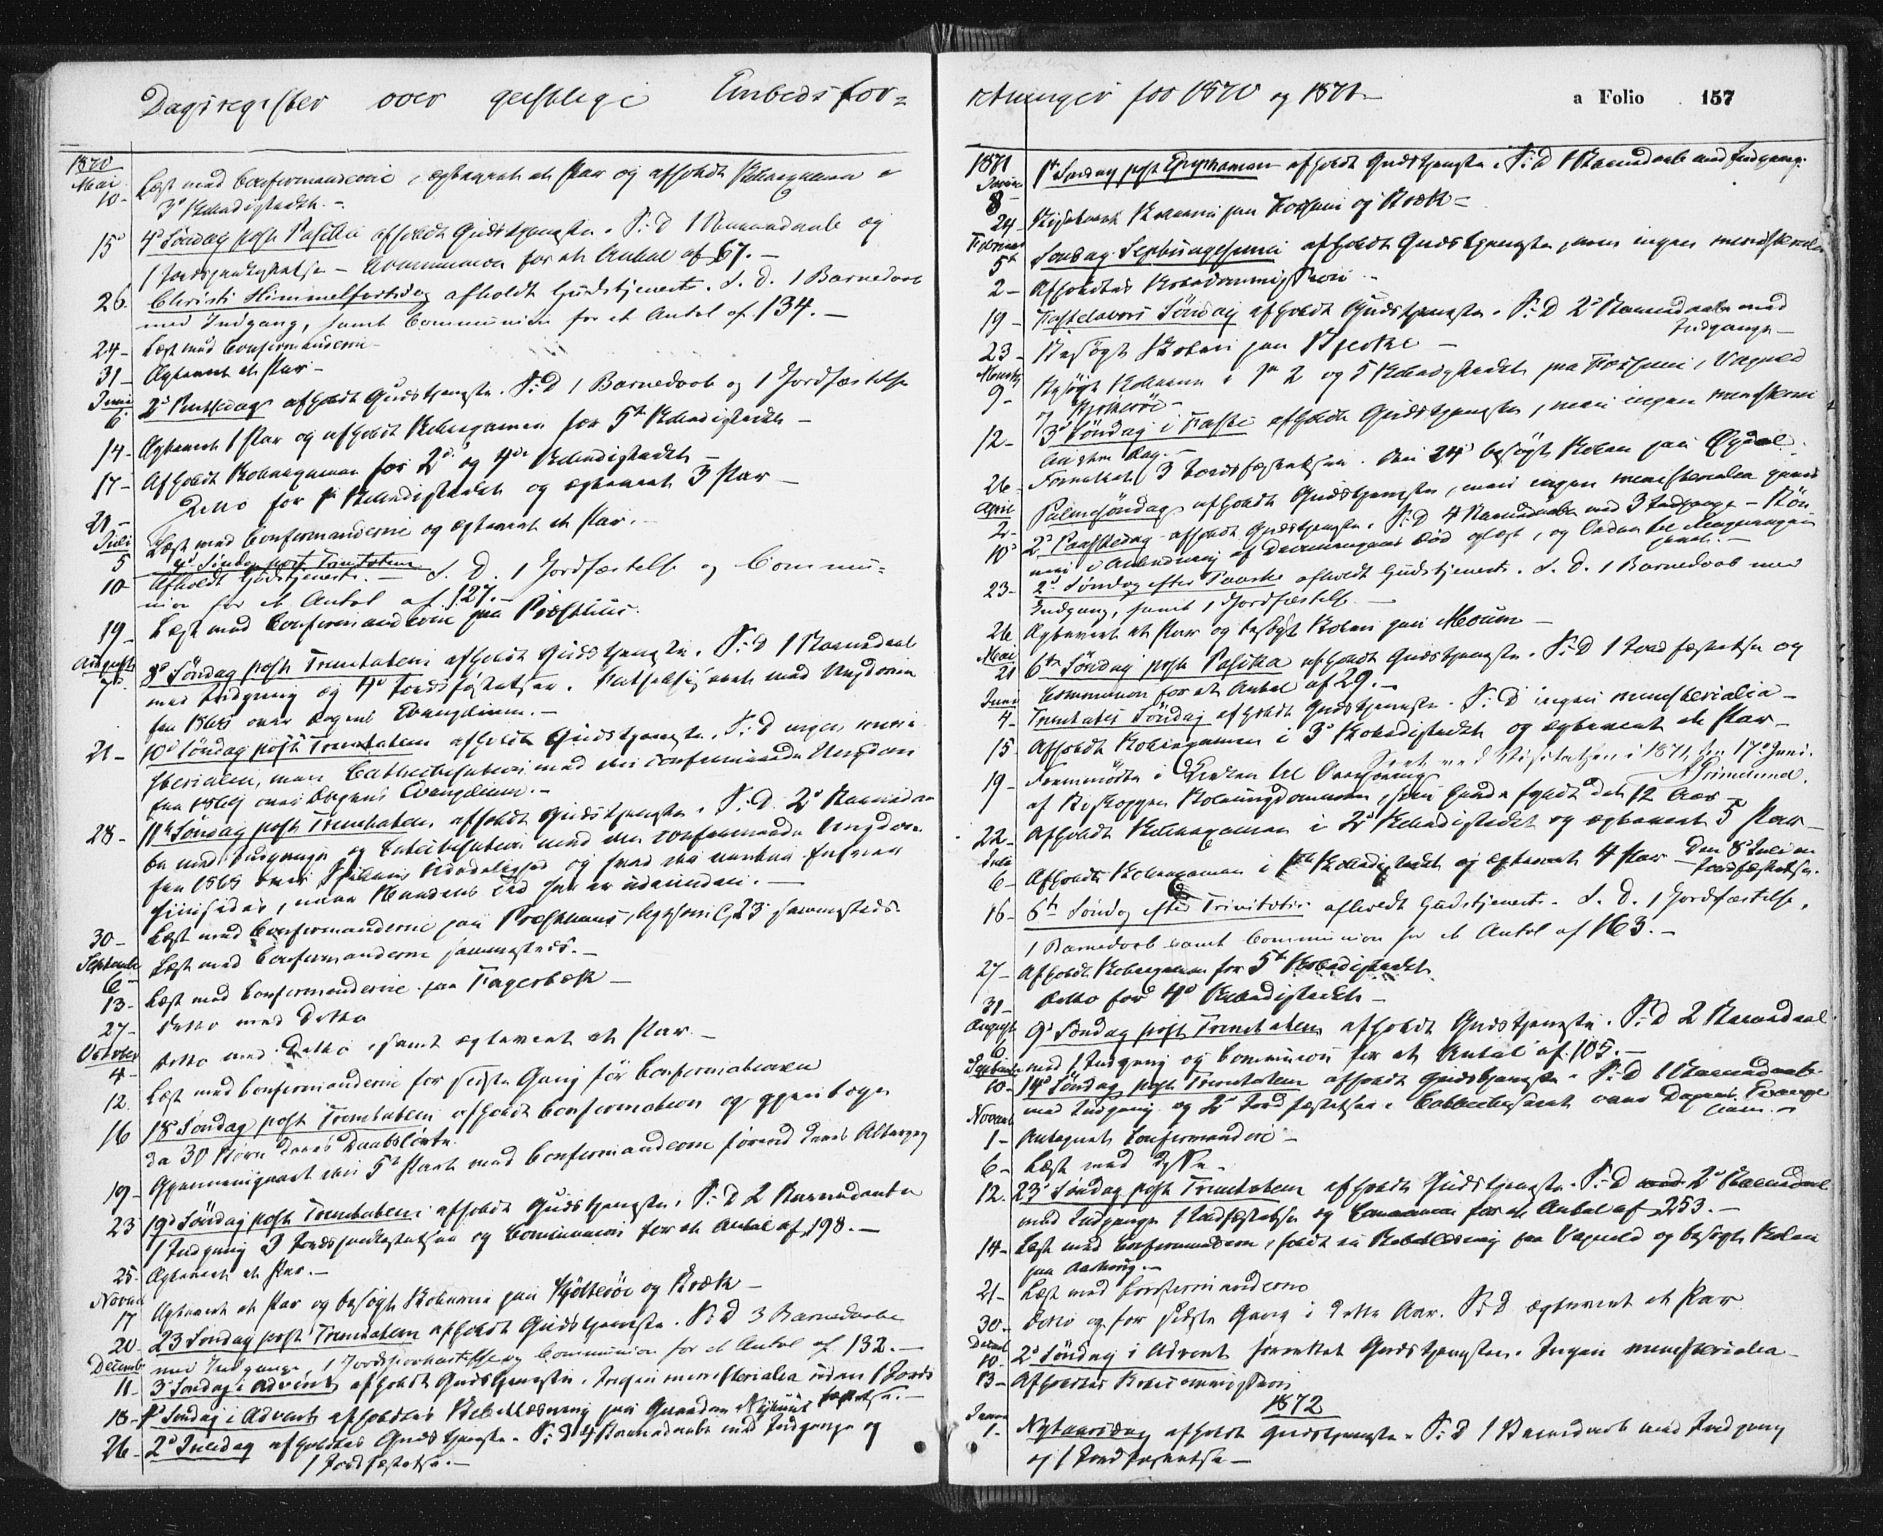 SAT, Ministerialprotokoller, klokkerbøker og fødselsregistre - Sør-Trøndelag, 689/L1039: Ministerialbok nr. 689A04, 1865-1878, s. 157